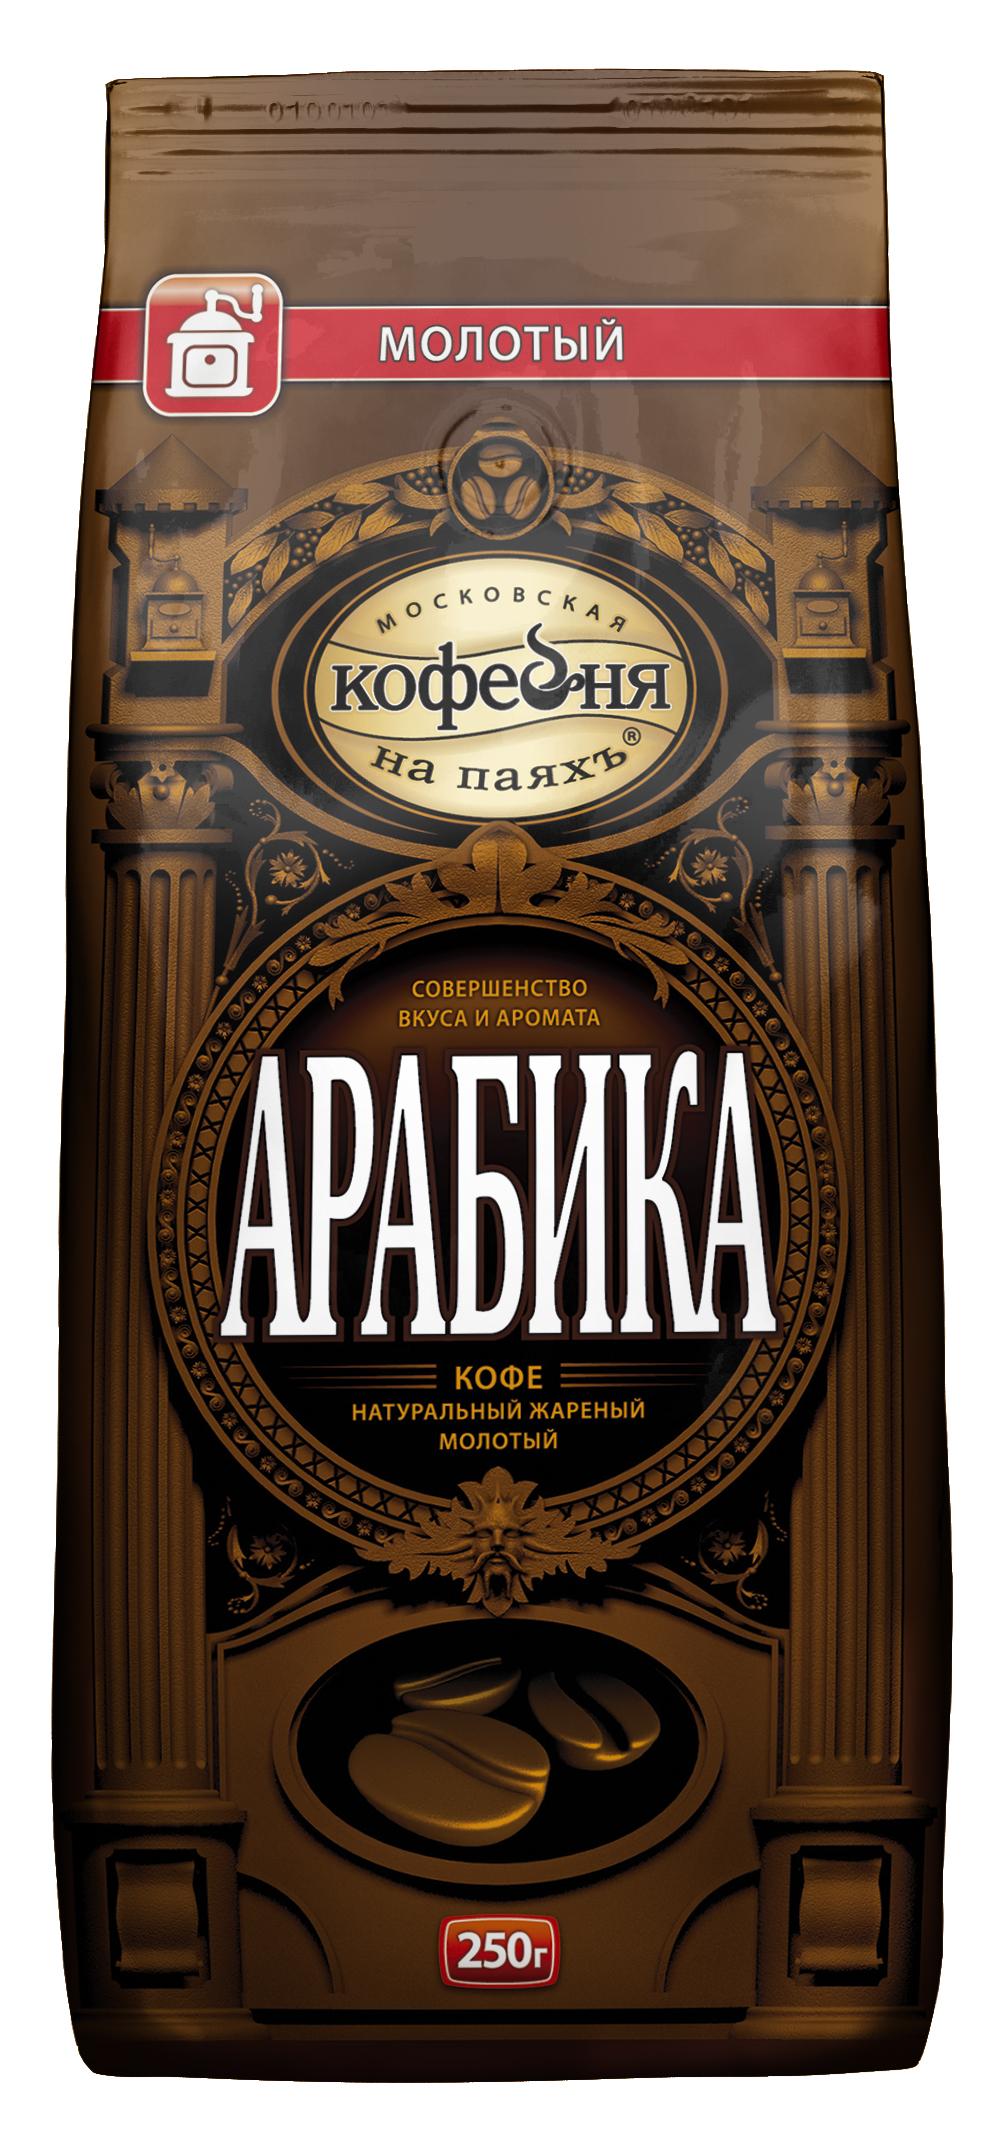 Московская кофейня на паяхъ Арабика кофе молотый, 250 г